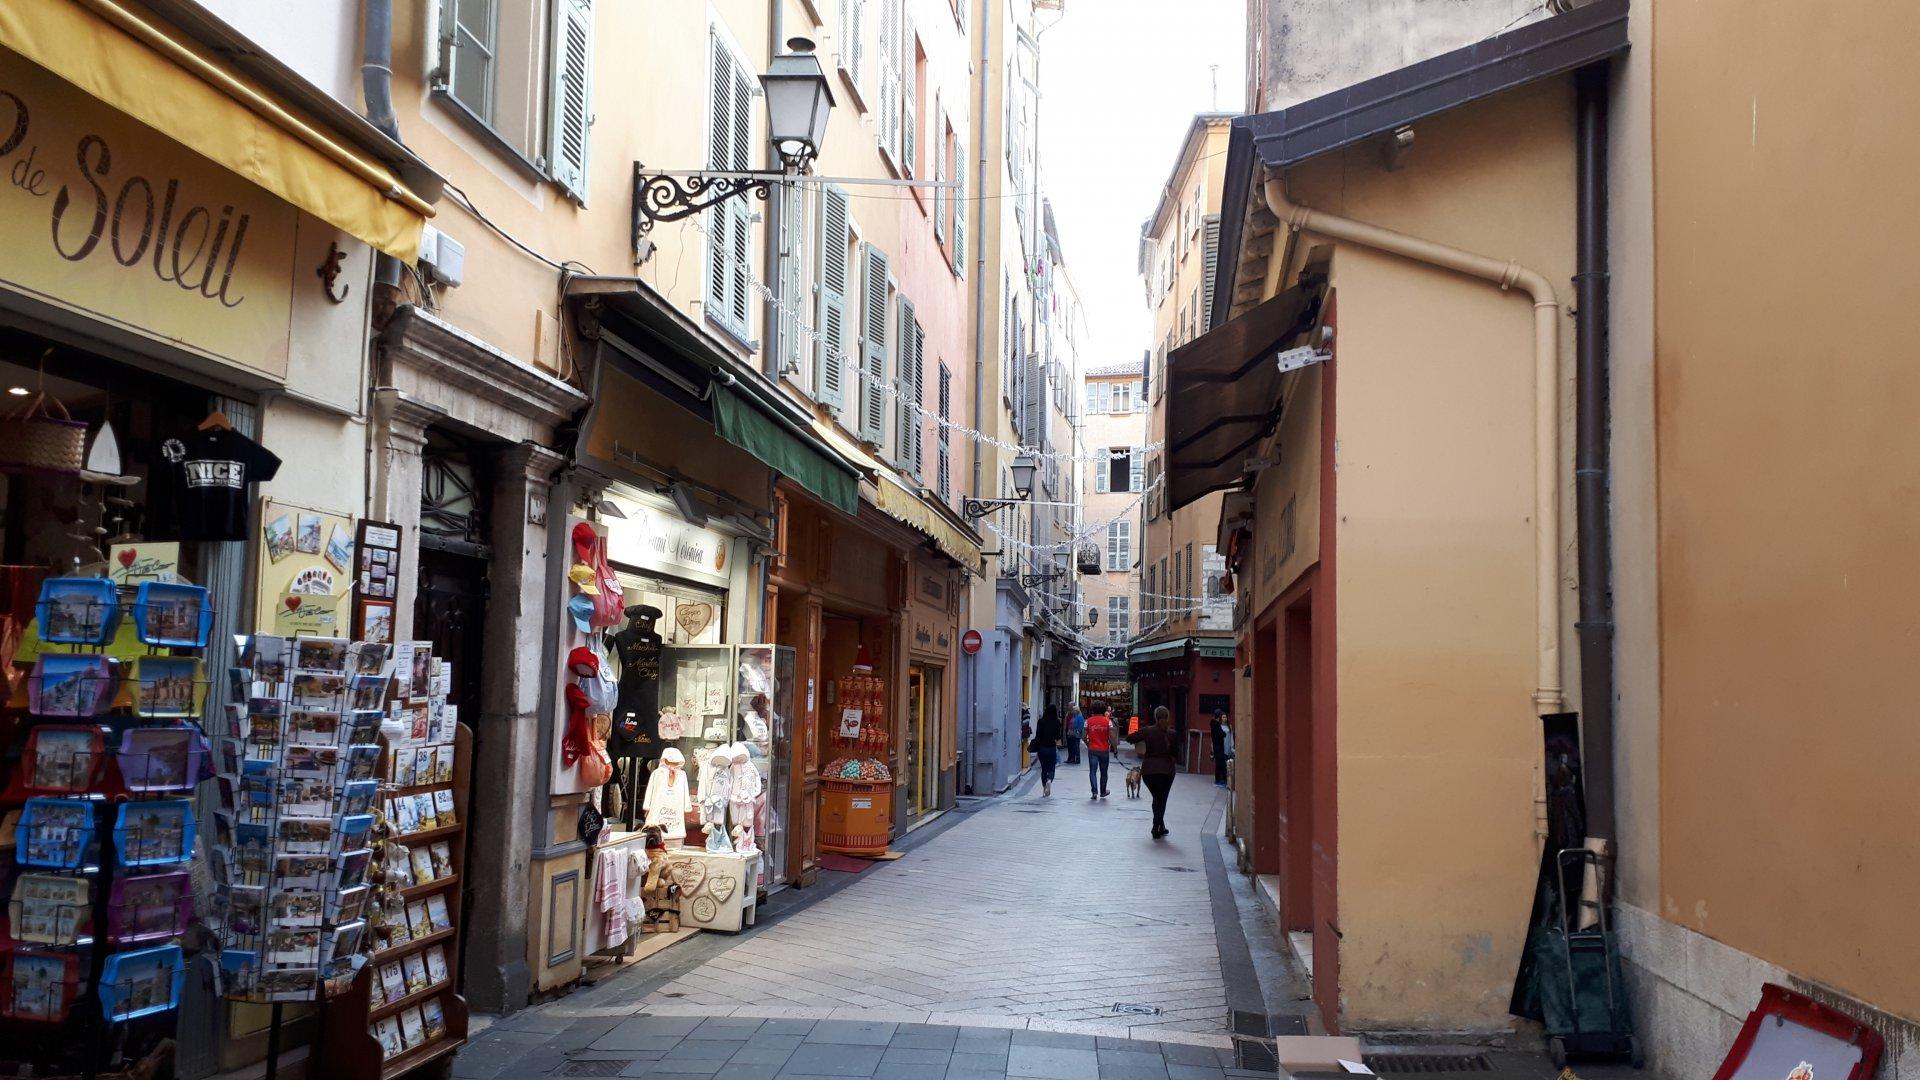 vente Nice 4 pièces 97.70m² situé dans le vieux Nice